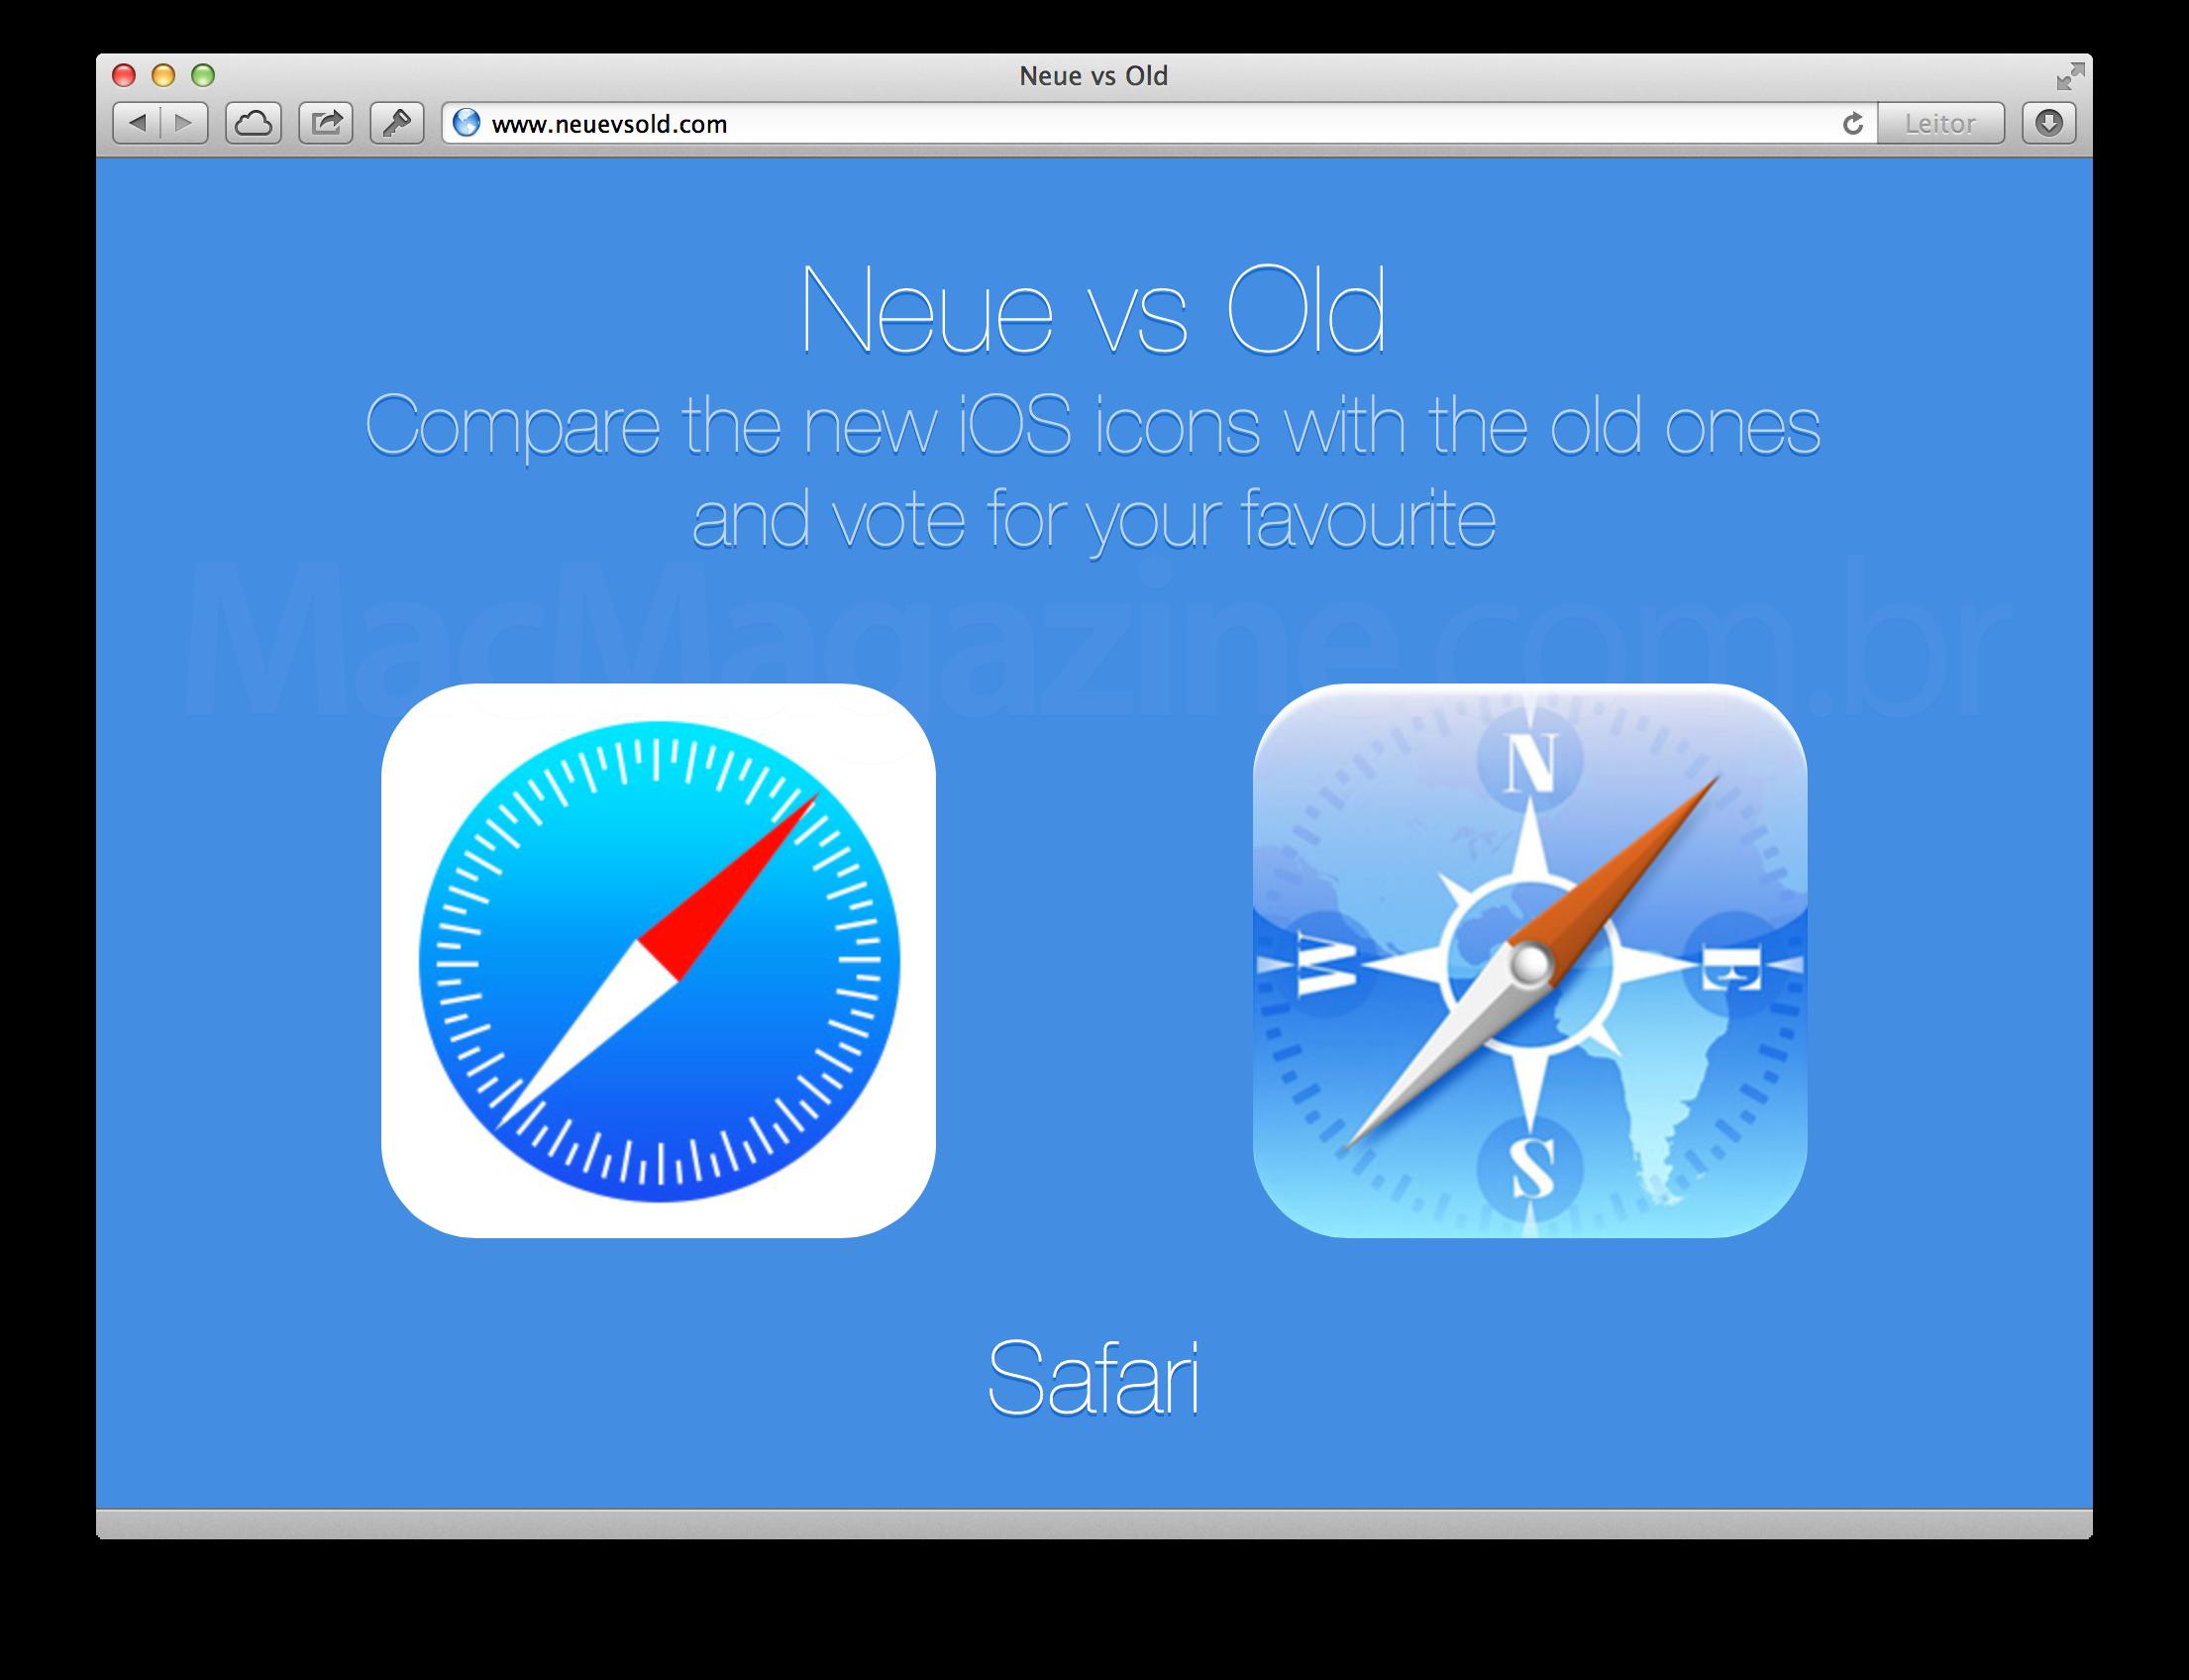 Neue vs Old